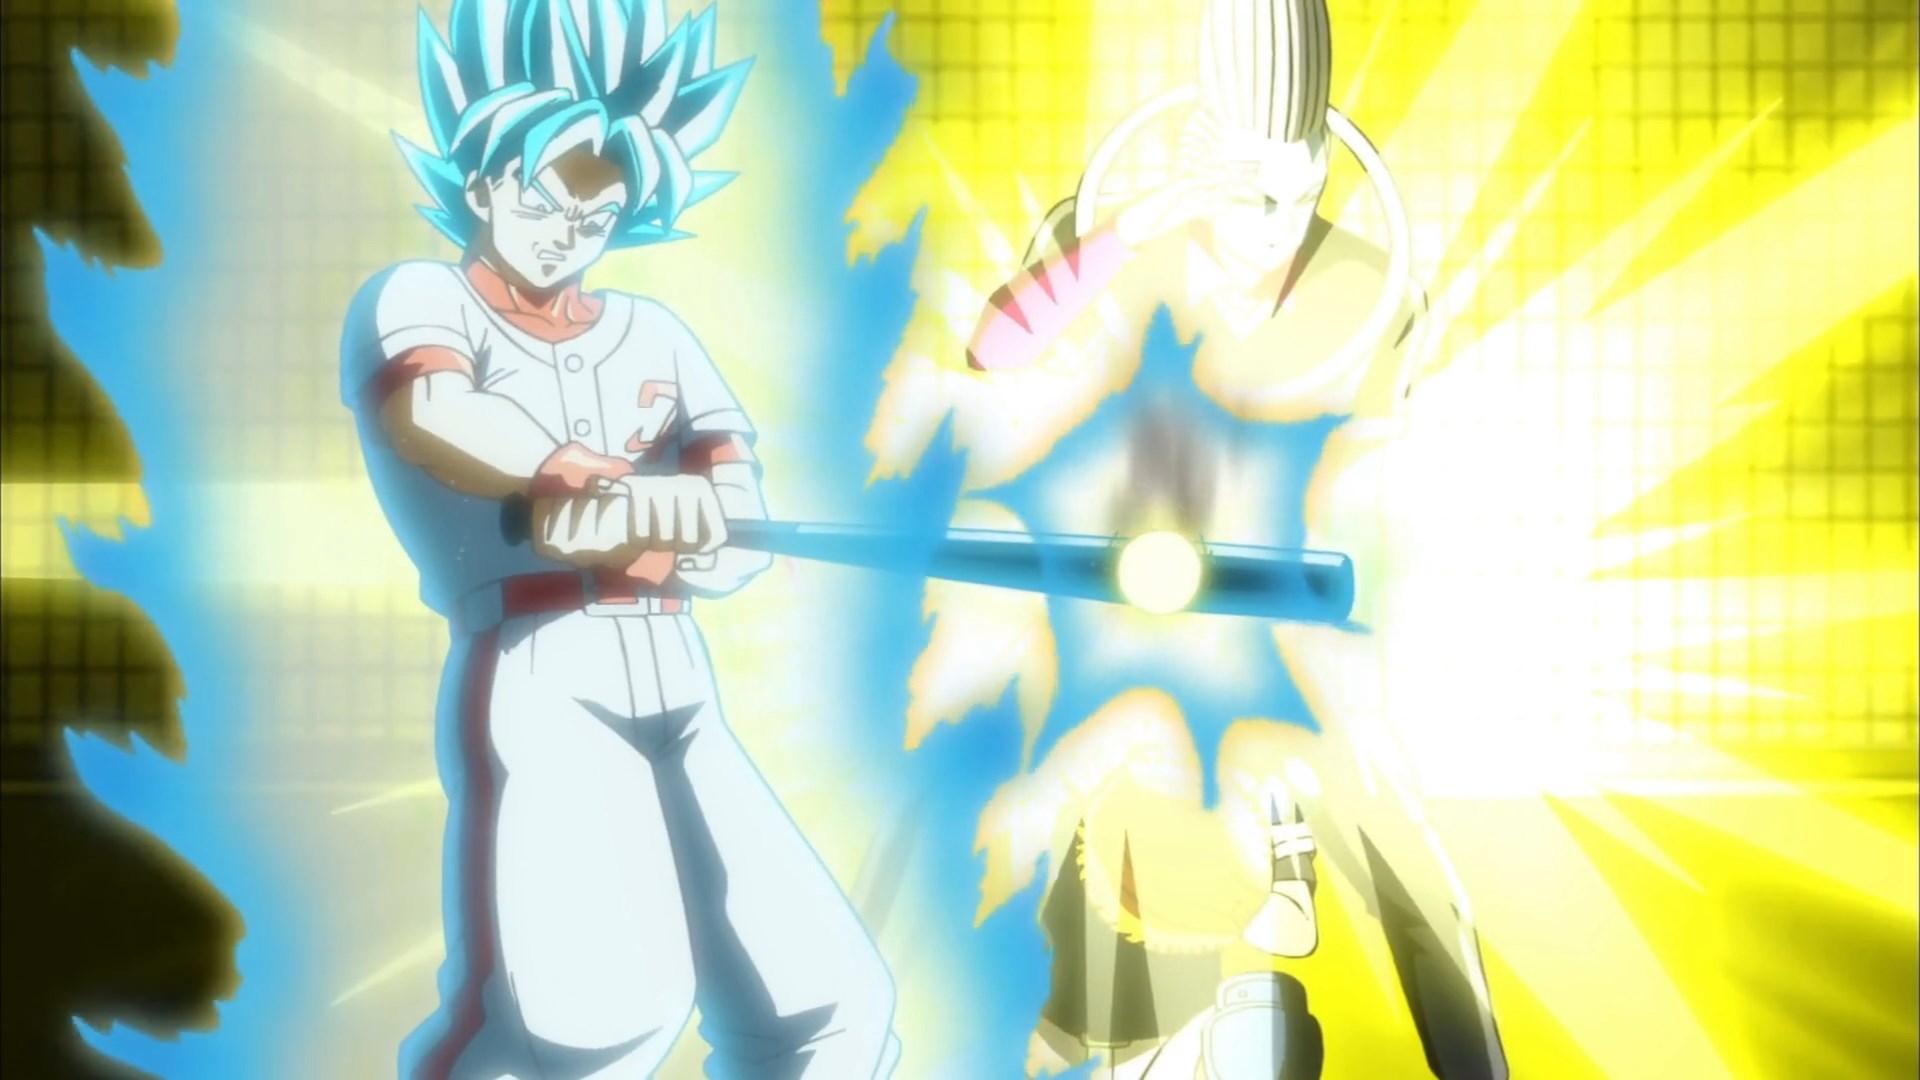 [DS] Dragon Ball Super 070 [1080p].mkv_snapshot_15.38_[2016.12.11_03.51.52]